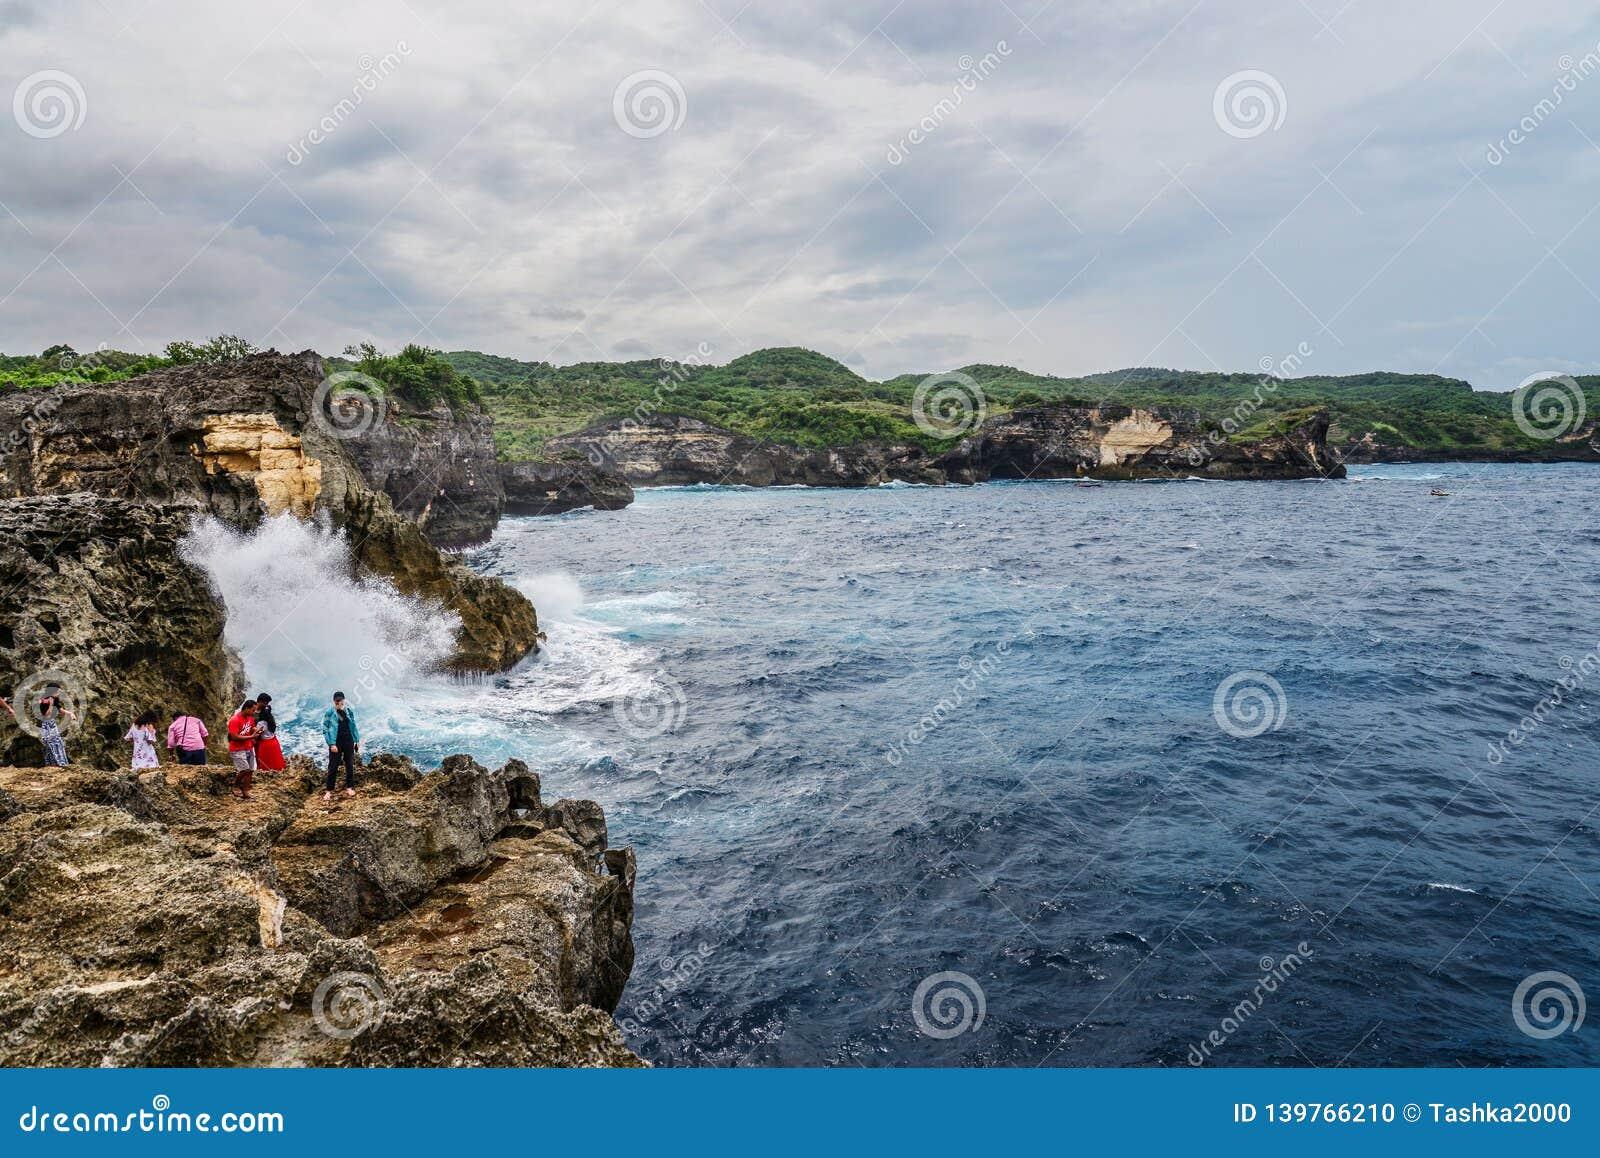 Linia brzegowa na Nusa Penida wyspie blisko anio?a Billabong pla?y z turystami